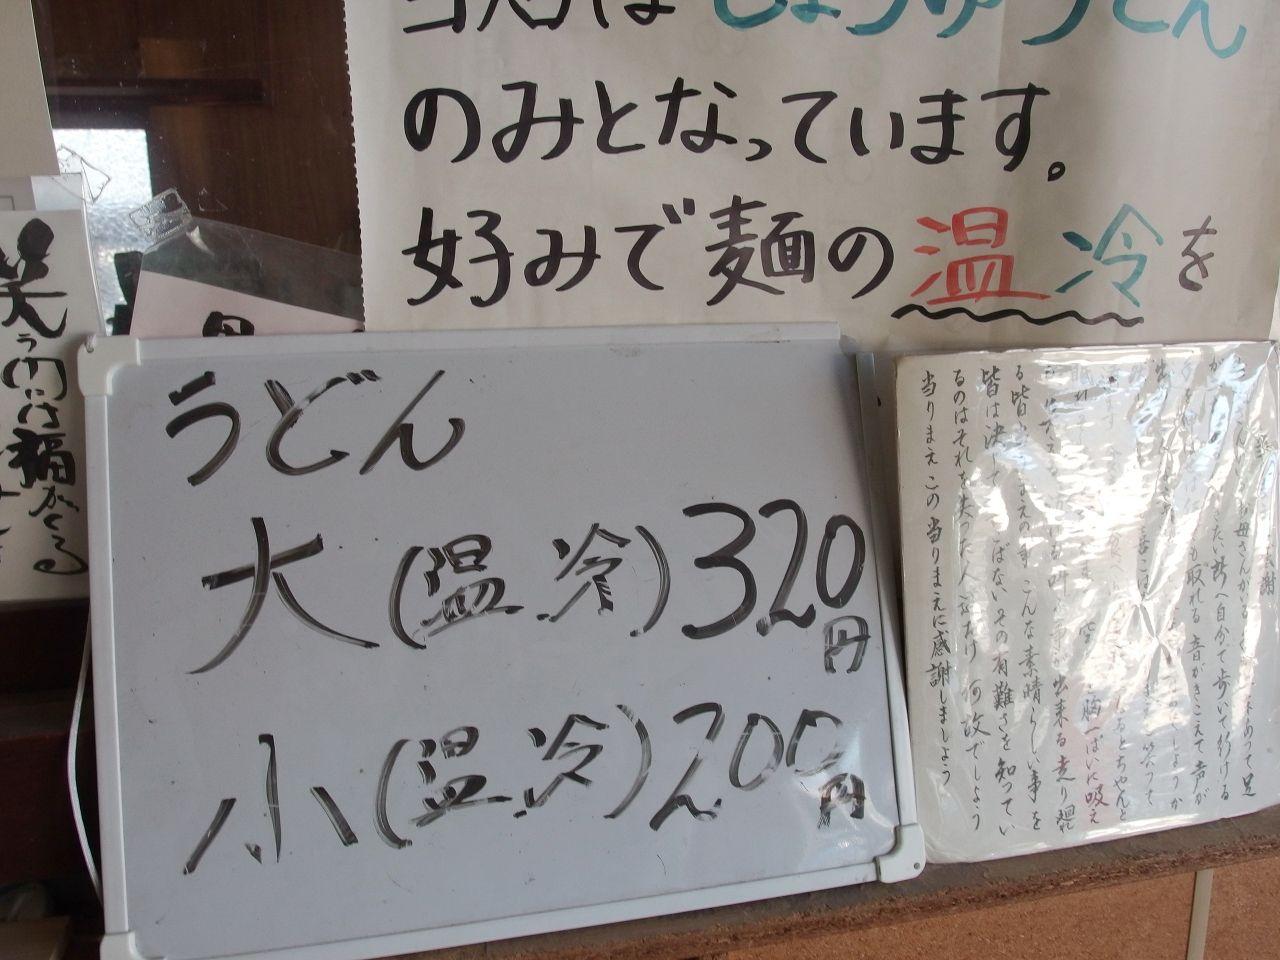 2015/1/24 讃岐うどん巡り2日目 自転車での讃岐うどん巡礼のコツとは?